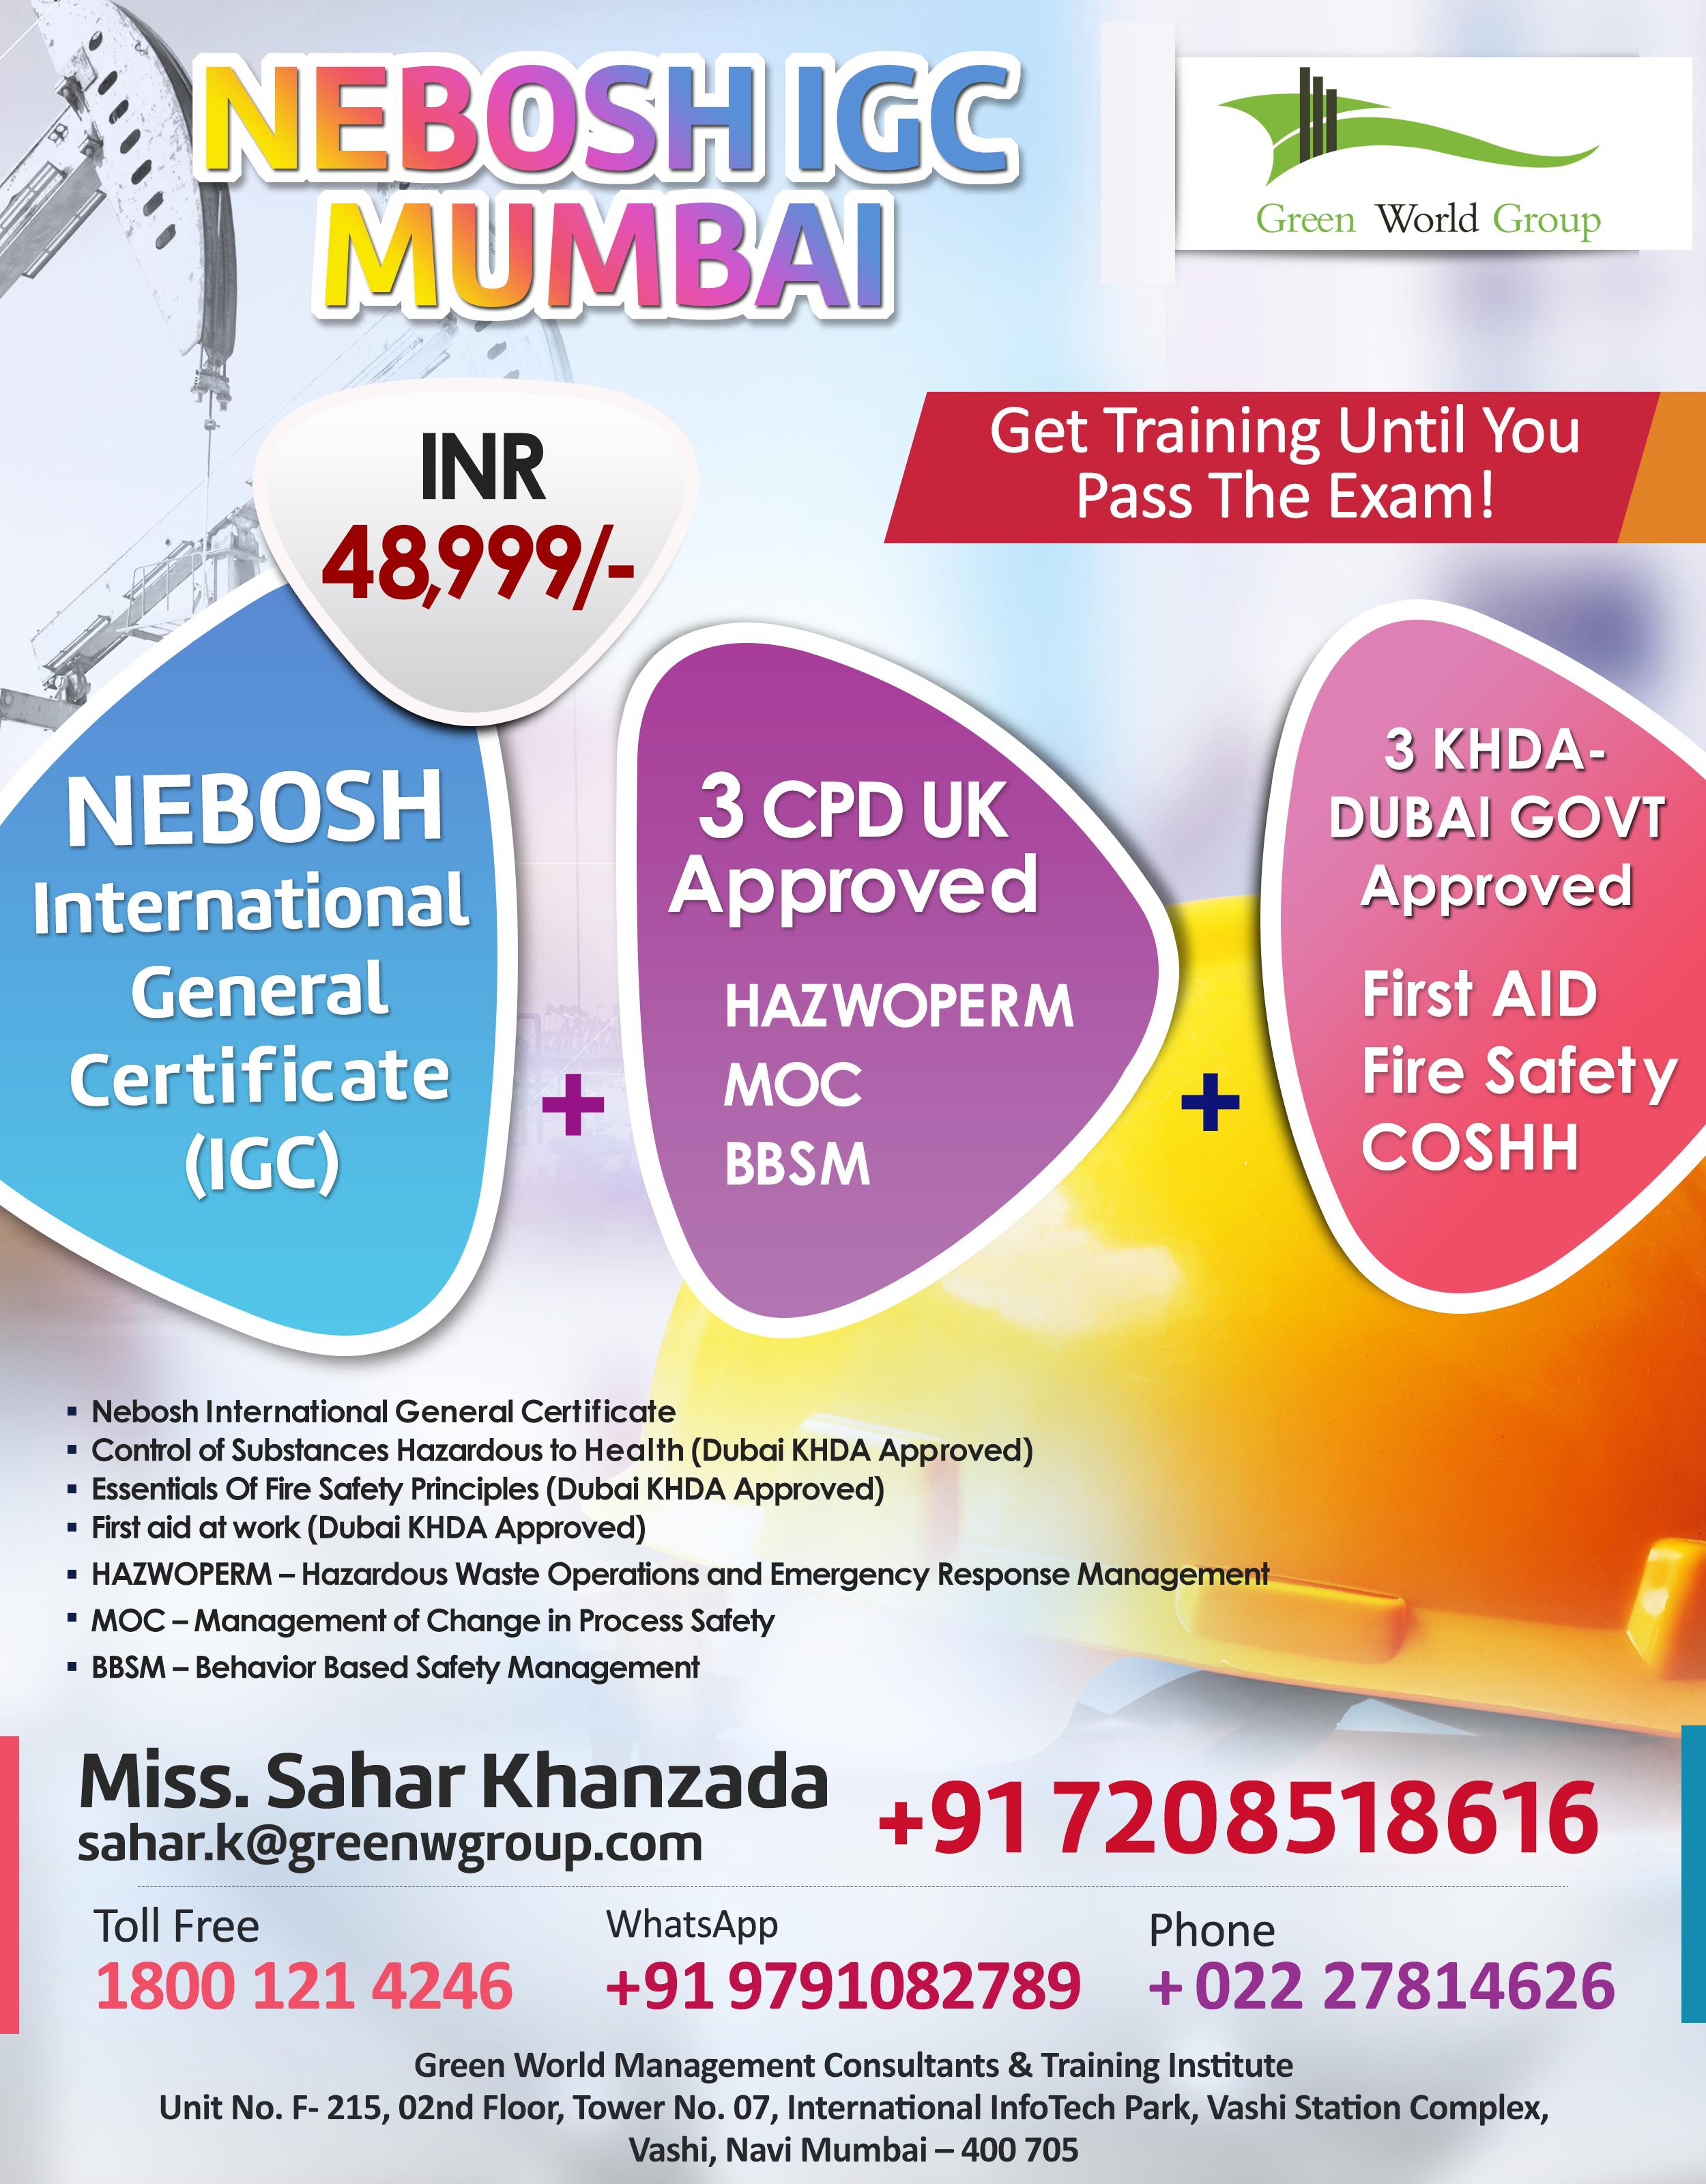 nebosh-training-mumbai